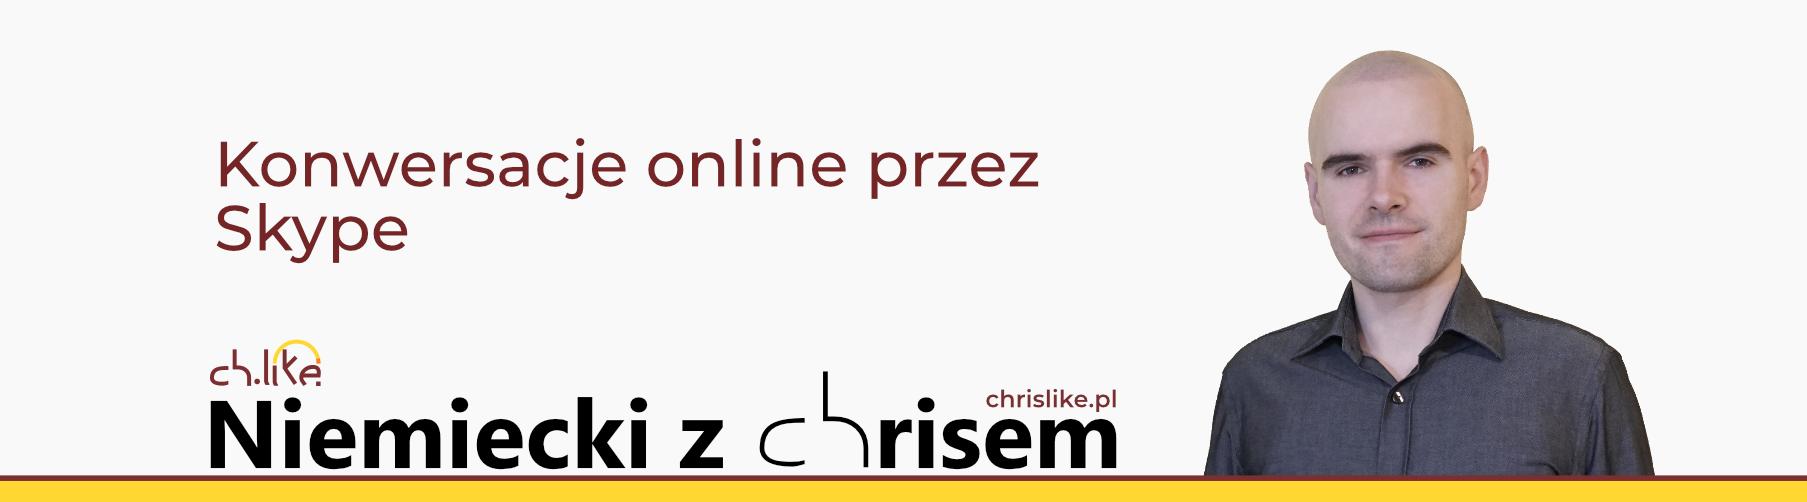 Konwersacje online niemiecki